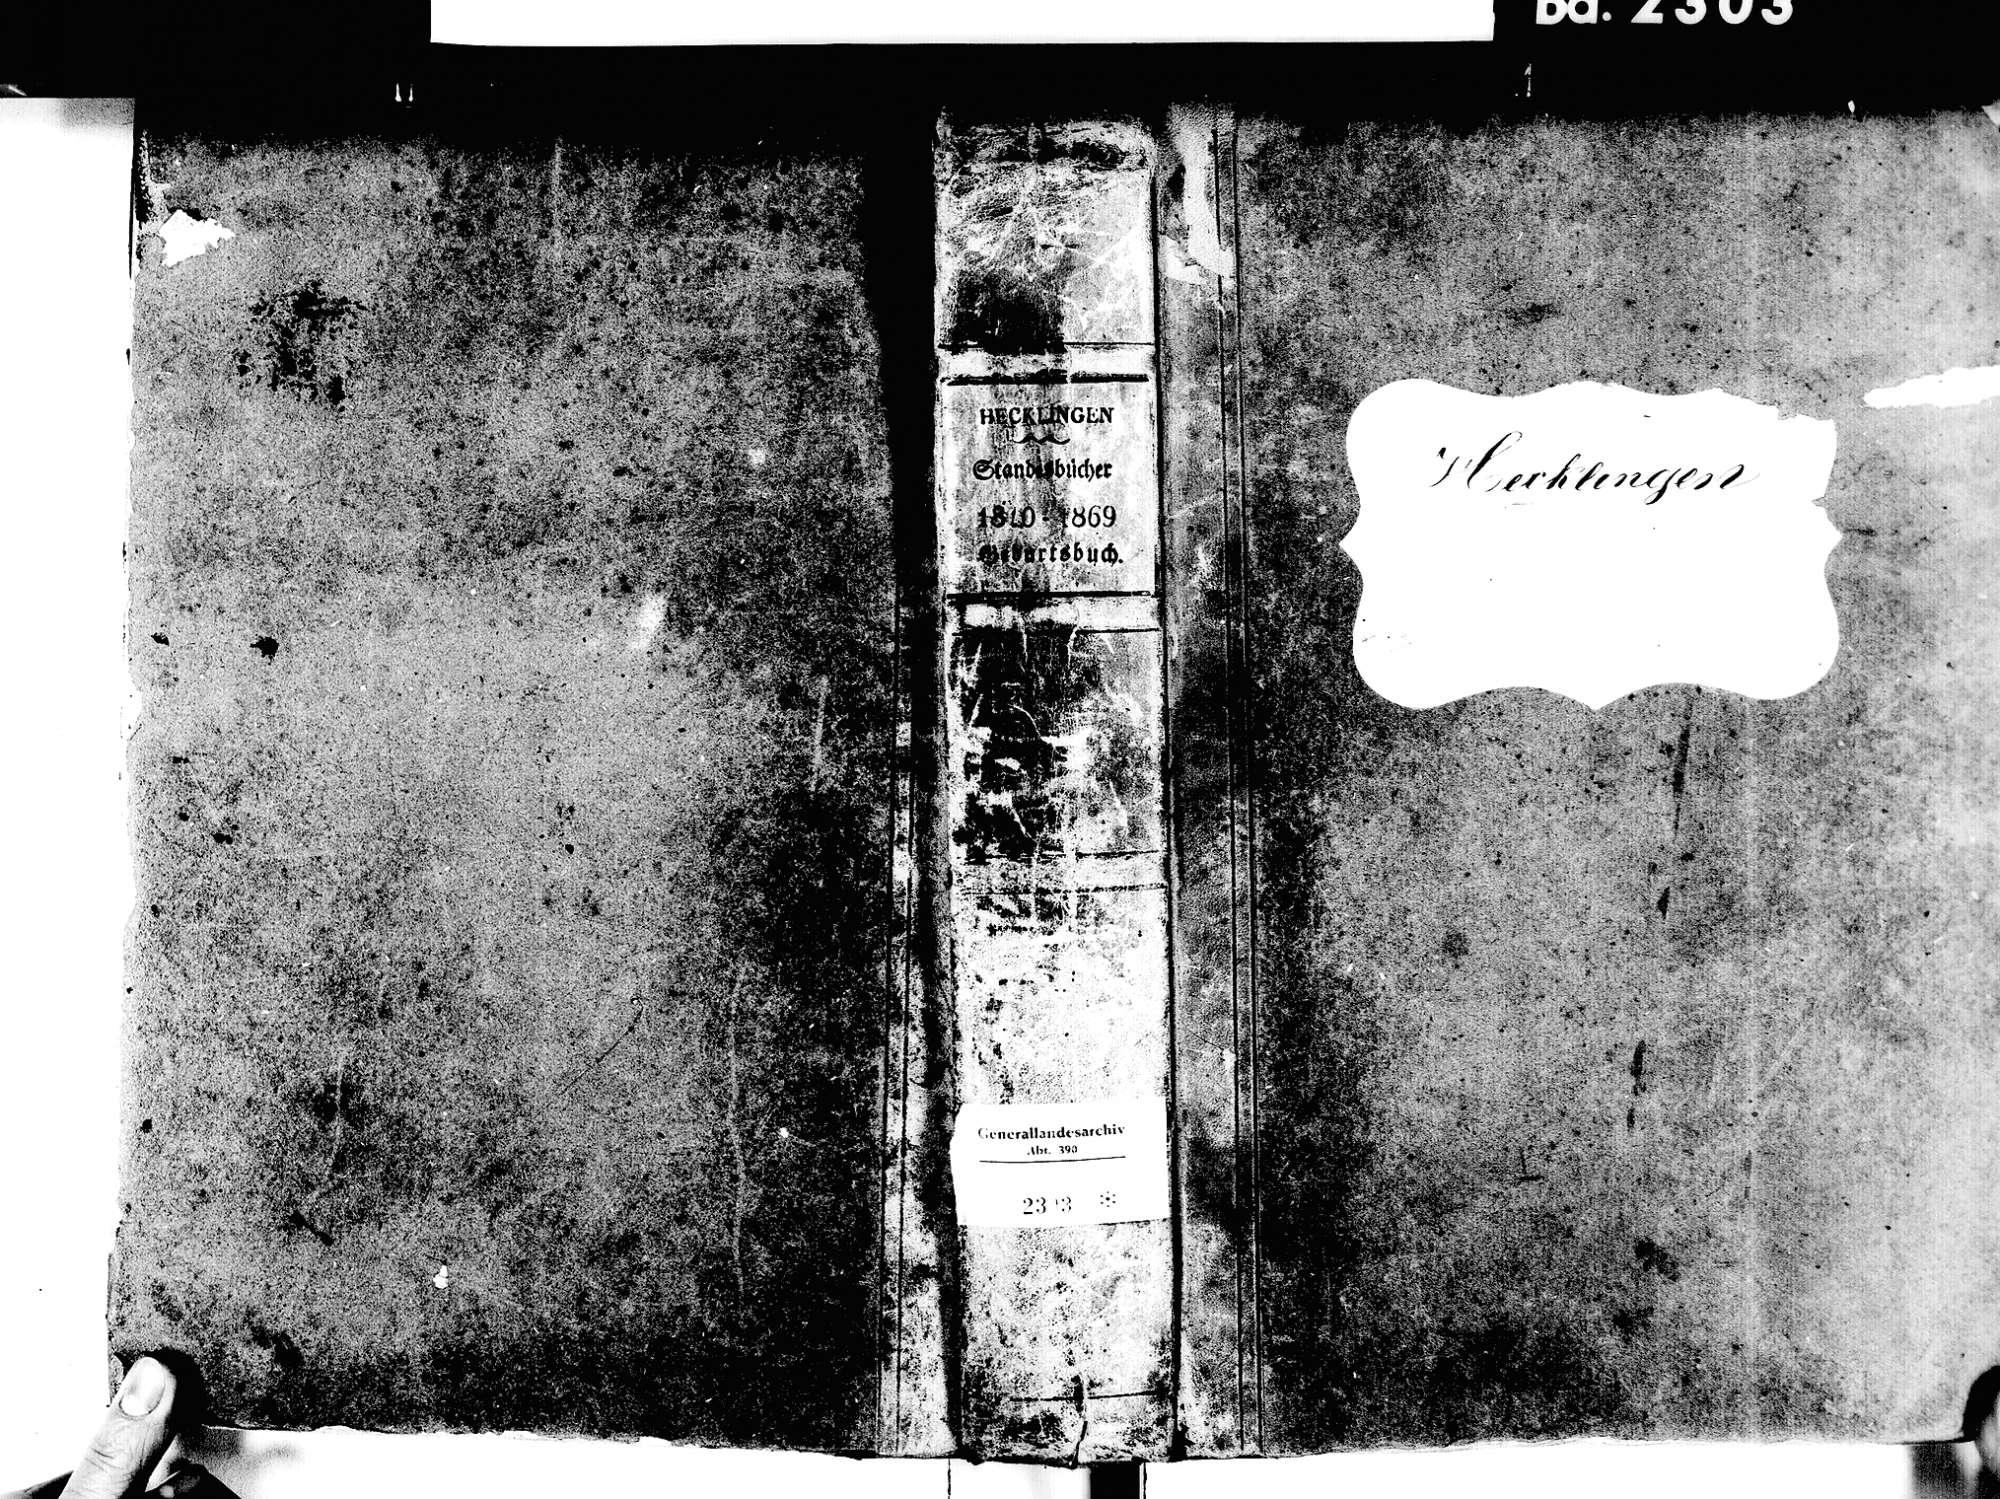 Hecklingen, Kenzingen EM; Katholische Gemeinde: Geburtenbuch 1810-1869 Hecklingen, Kenzingen EM; Katholische Gemeinde: Sterbebuch 1813, Bild 1